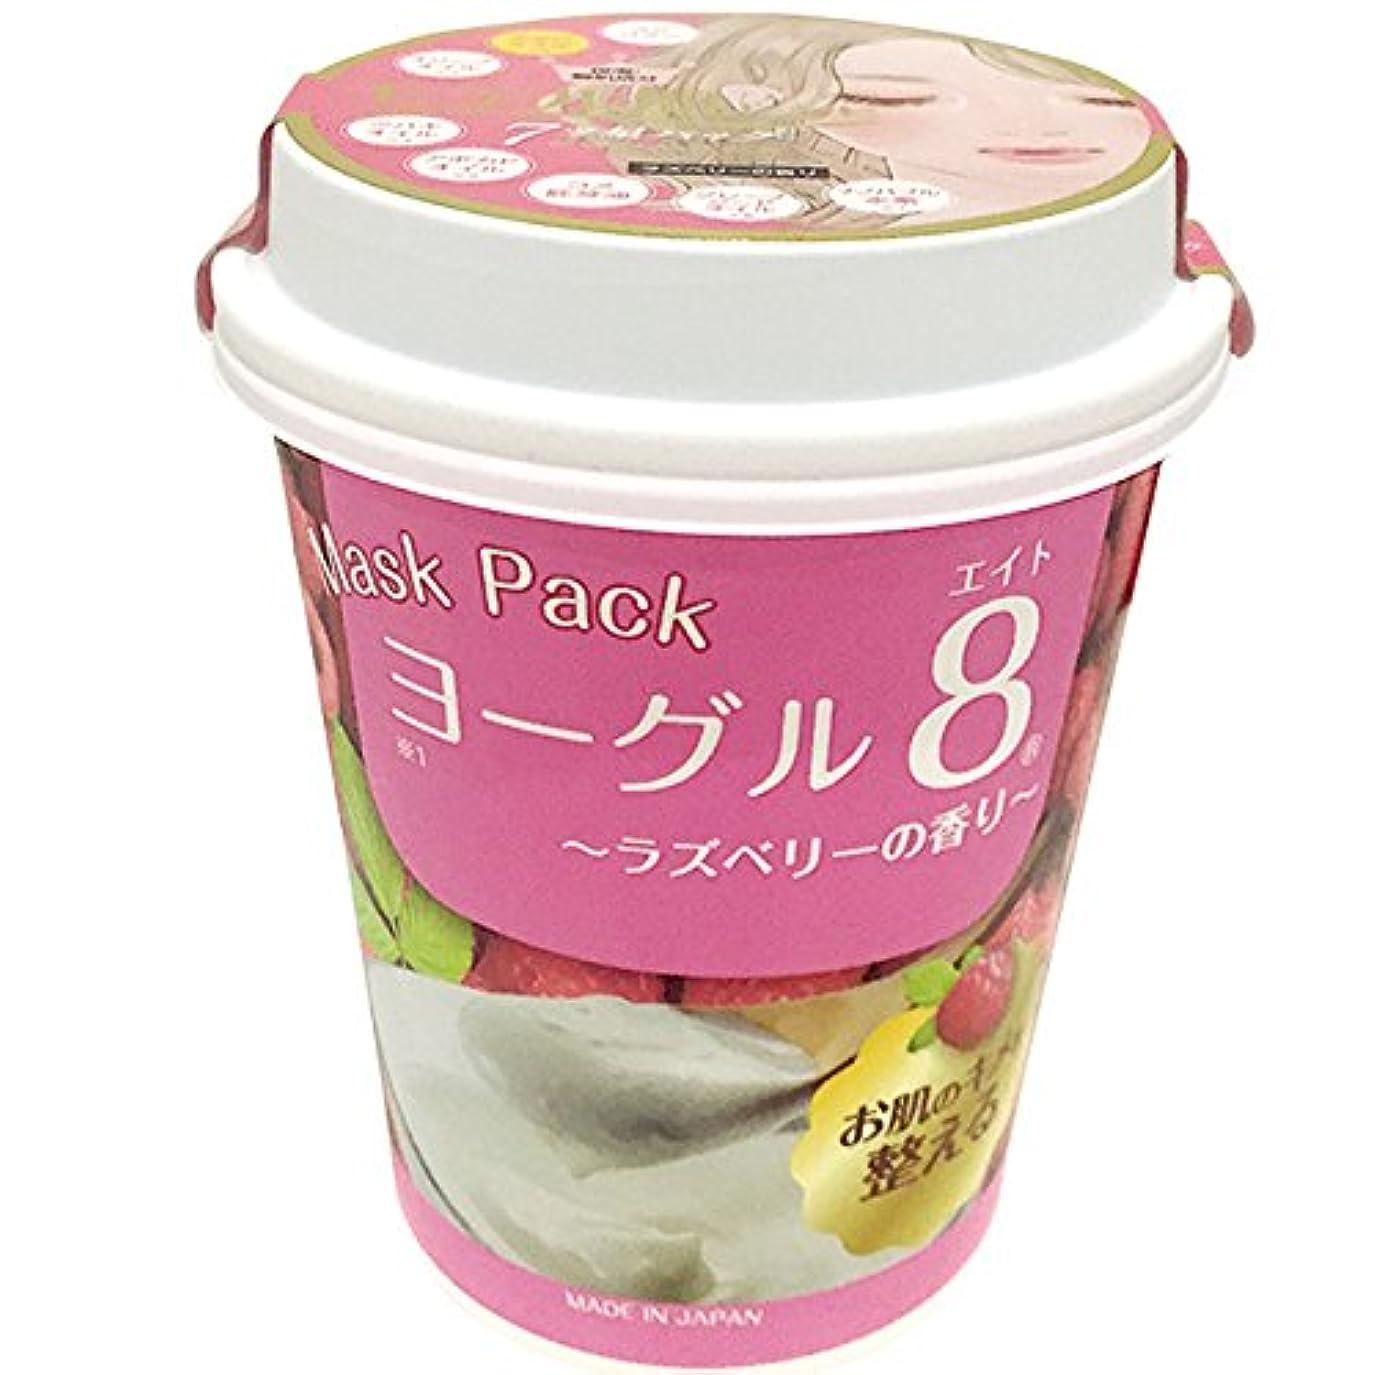 パニックタヒチ結晶ヨーグル8 ラズベリーの香り 24g (モデリングパック)